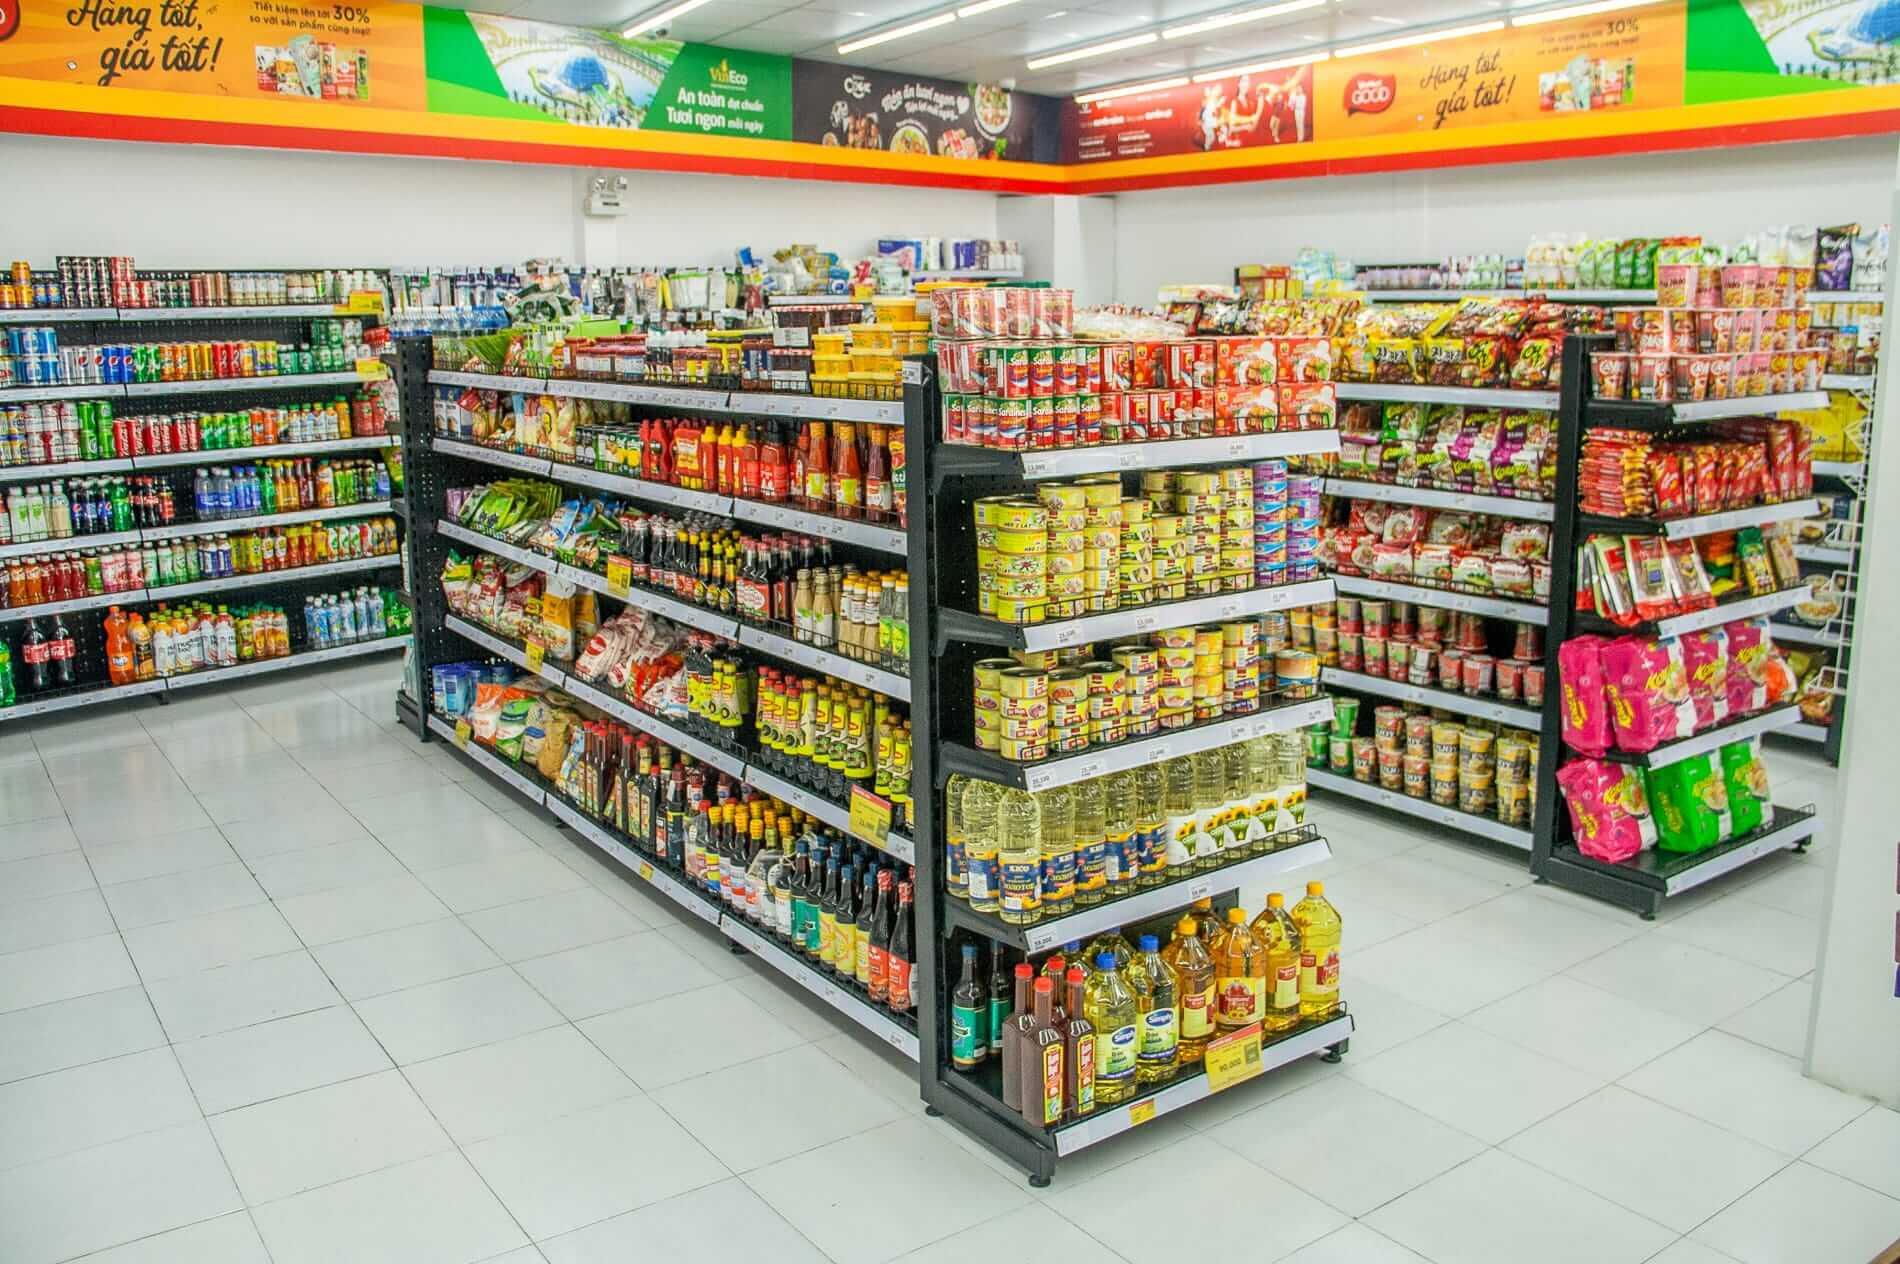 kako kupovati u supermarketima